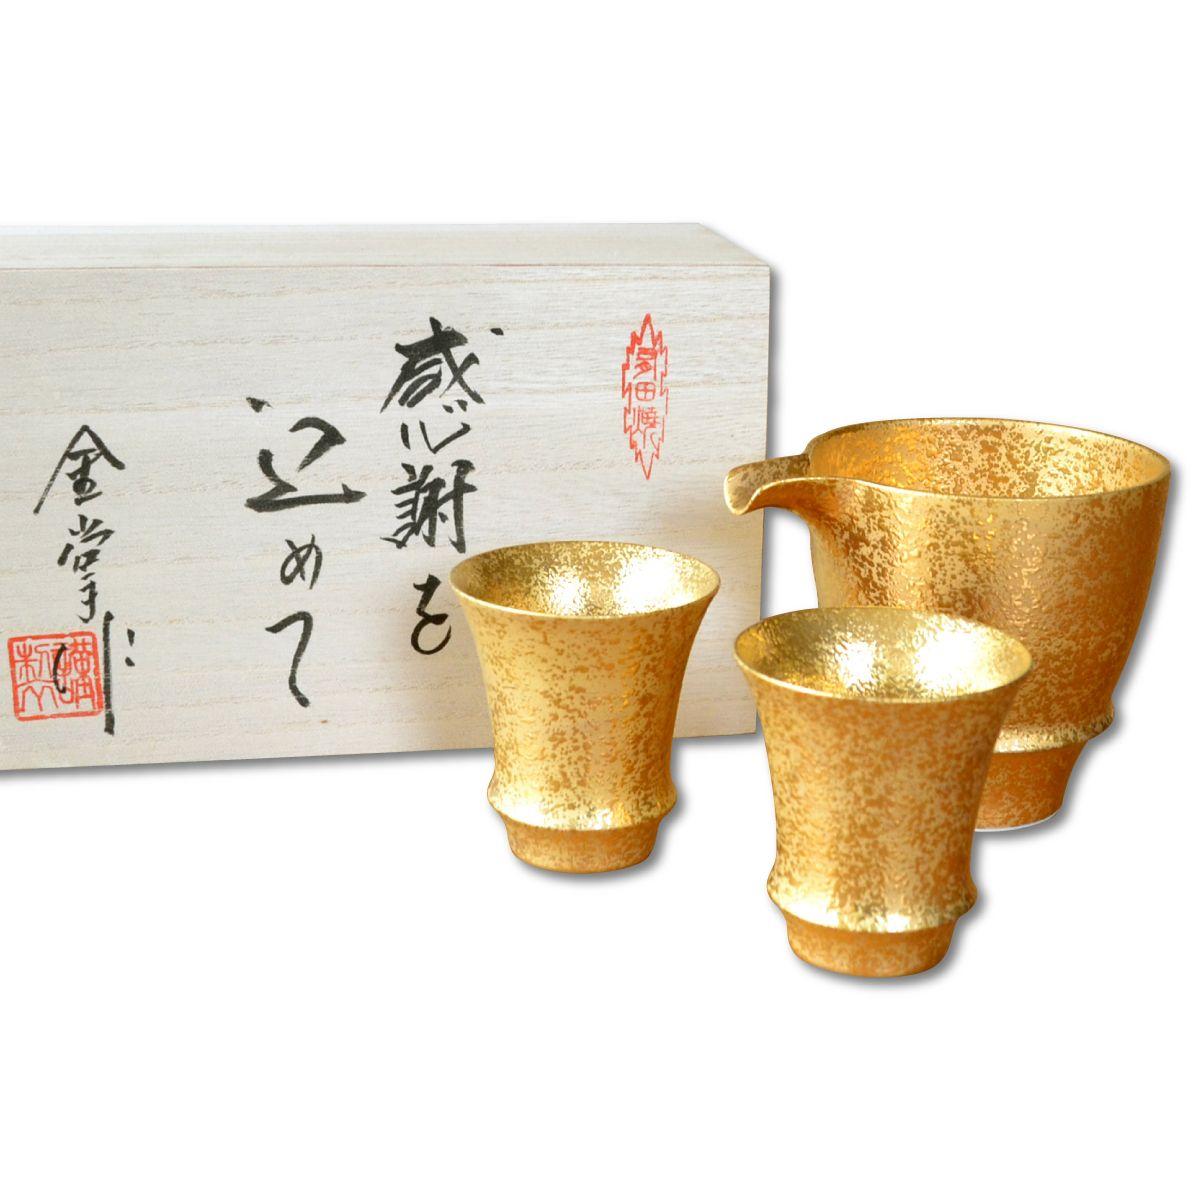 退職祝い 酒器セット とっくり おちょこ セット 陶器 日本酒用 おしゃれ 有田焼 徳利1個 ぐい呑み2個セット 金彩 感謝を込めた木箱入りギフト